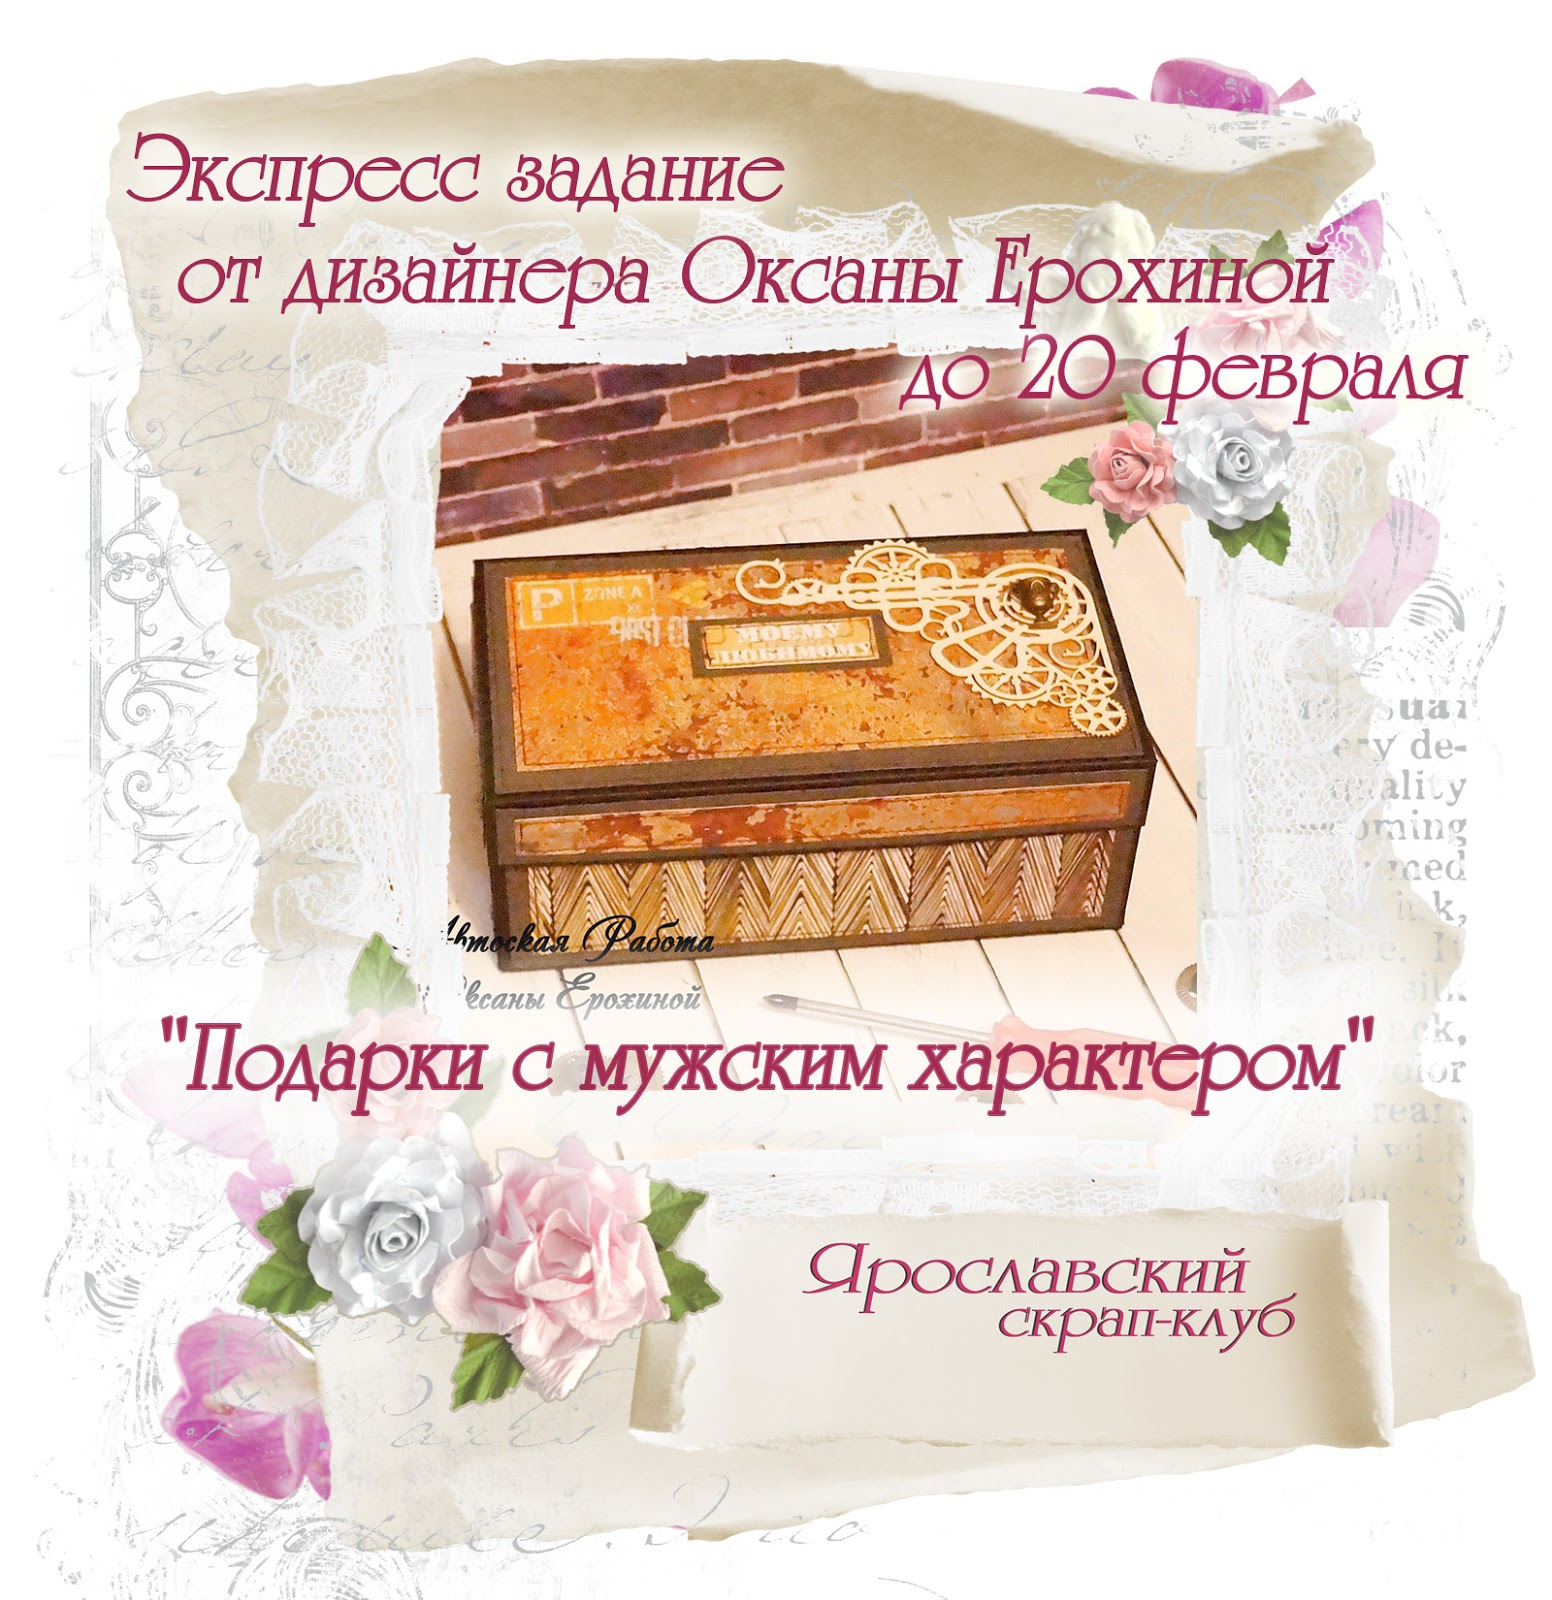 Подарки с мужским характером до 20.02.17